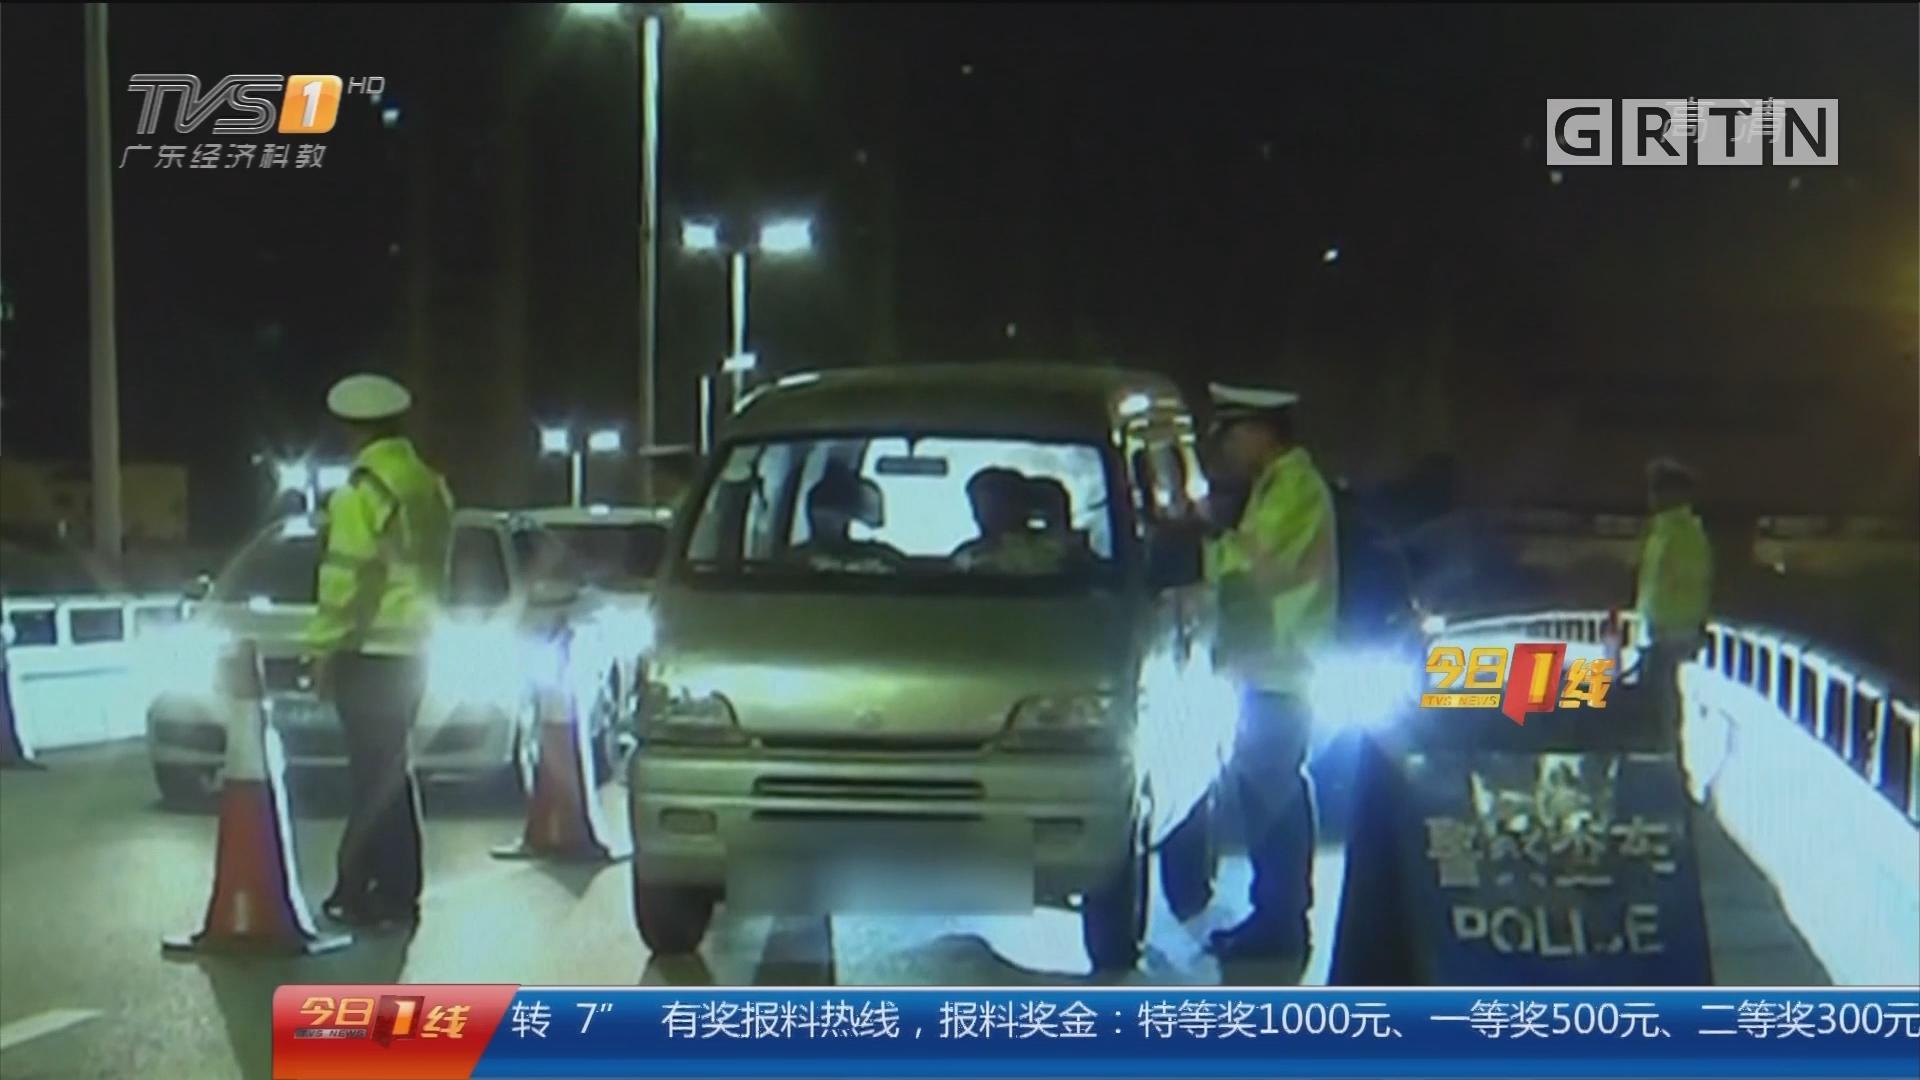 深圳南山区:男子无证醉驾还理直气壮 刑拘!